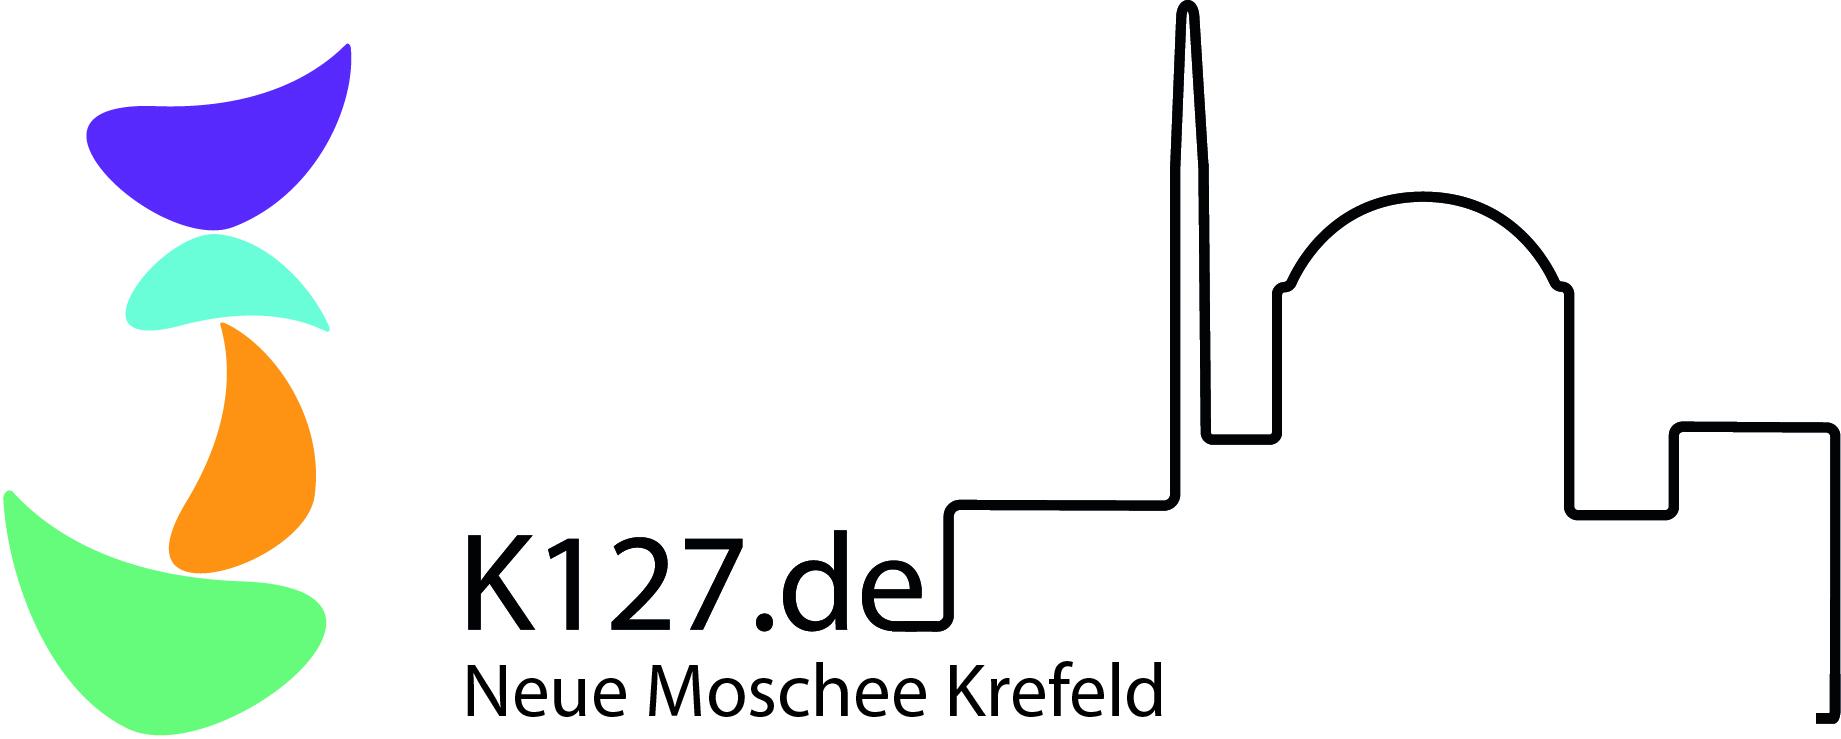 Logo Neue Moschee Krefeld, futureorg Institut